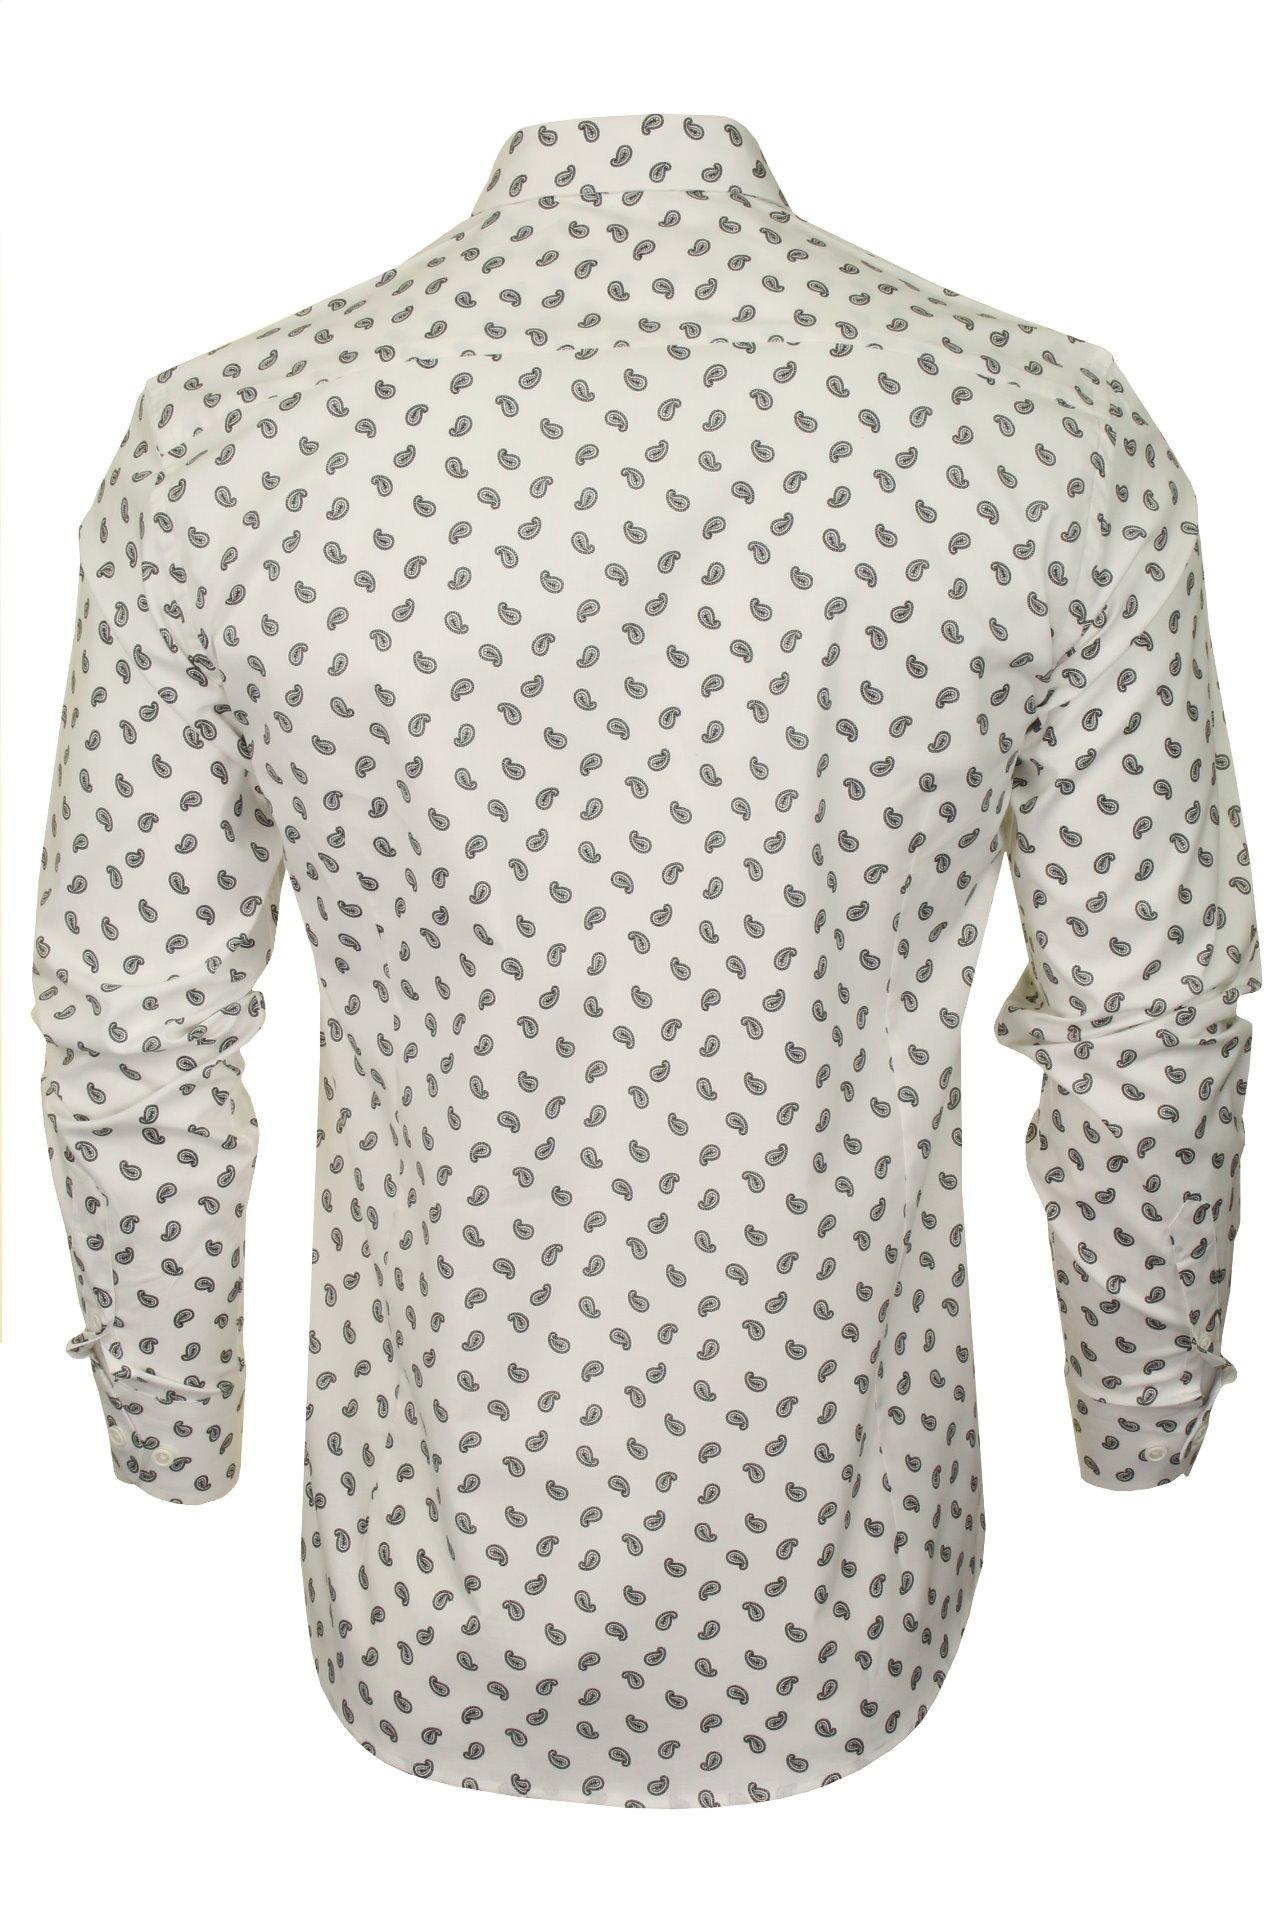 Xact-Mens-Long-Sleeved-Paisley-Shirt-Slim-Fit thumbnail 26